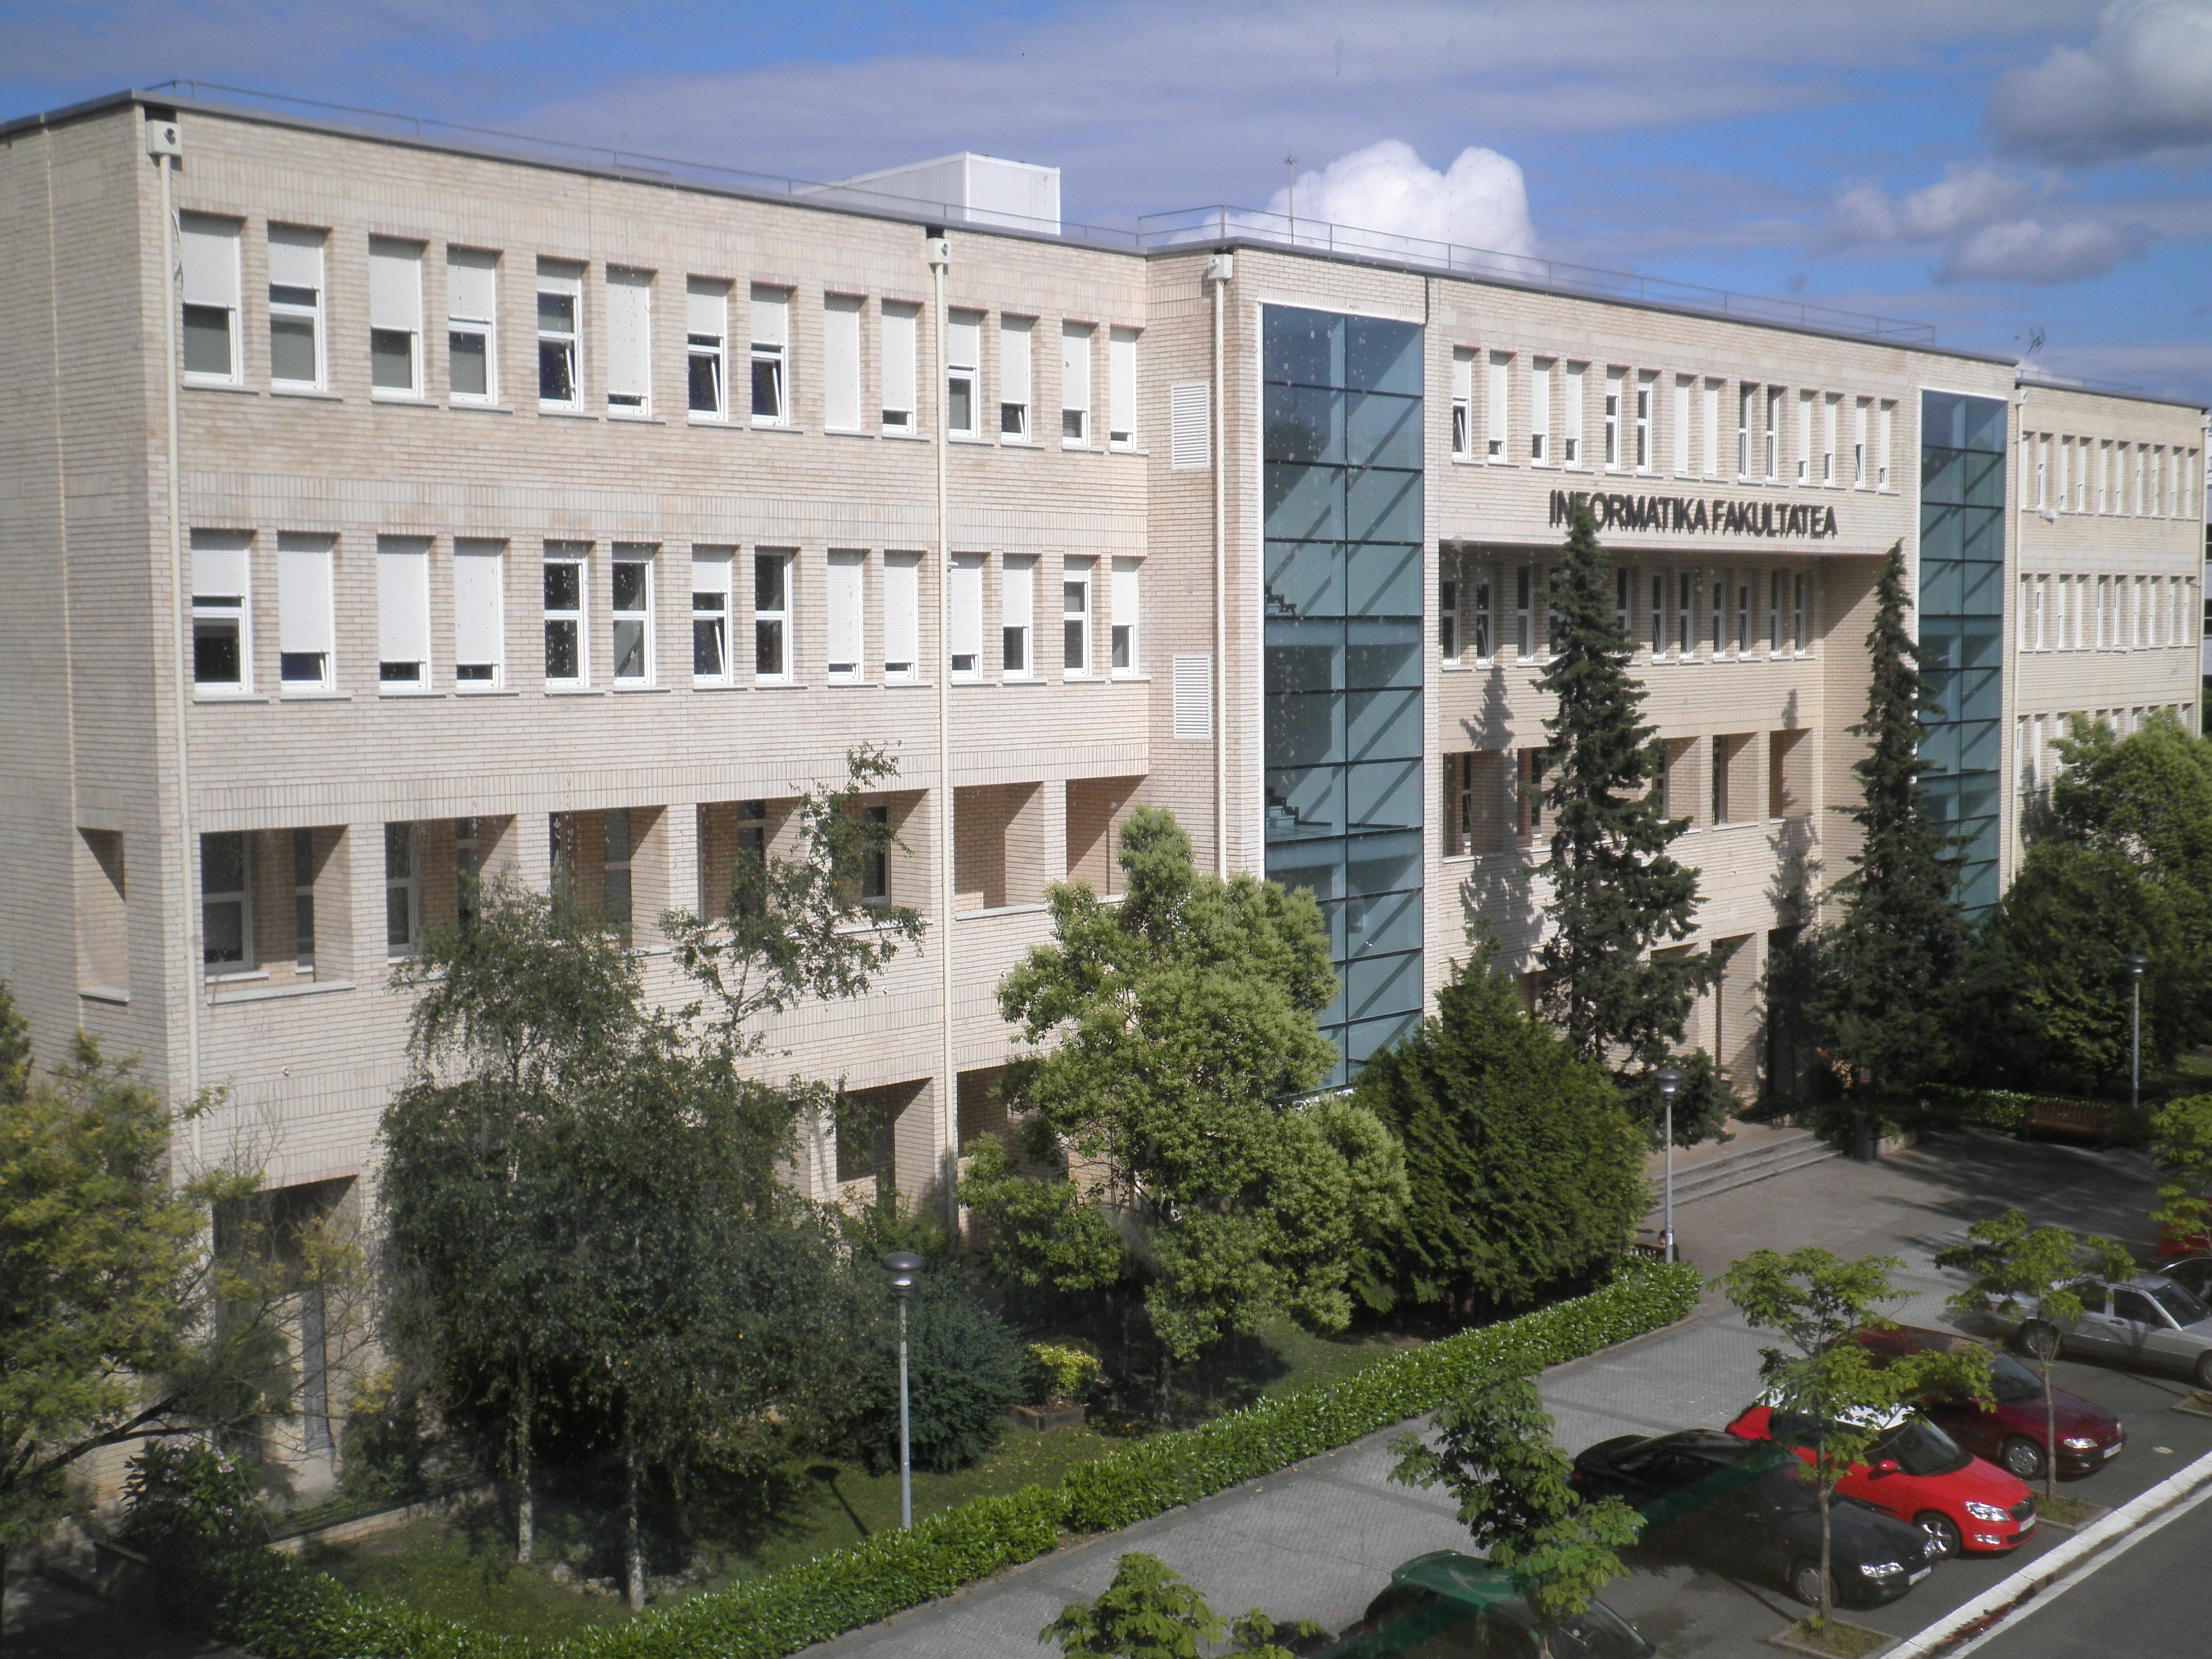 Informatika_fakultatea